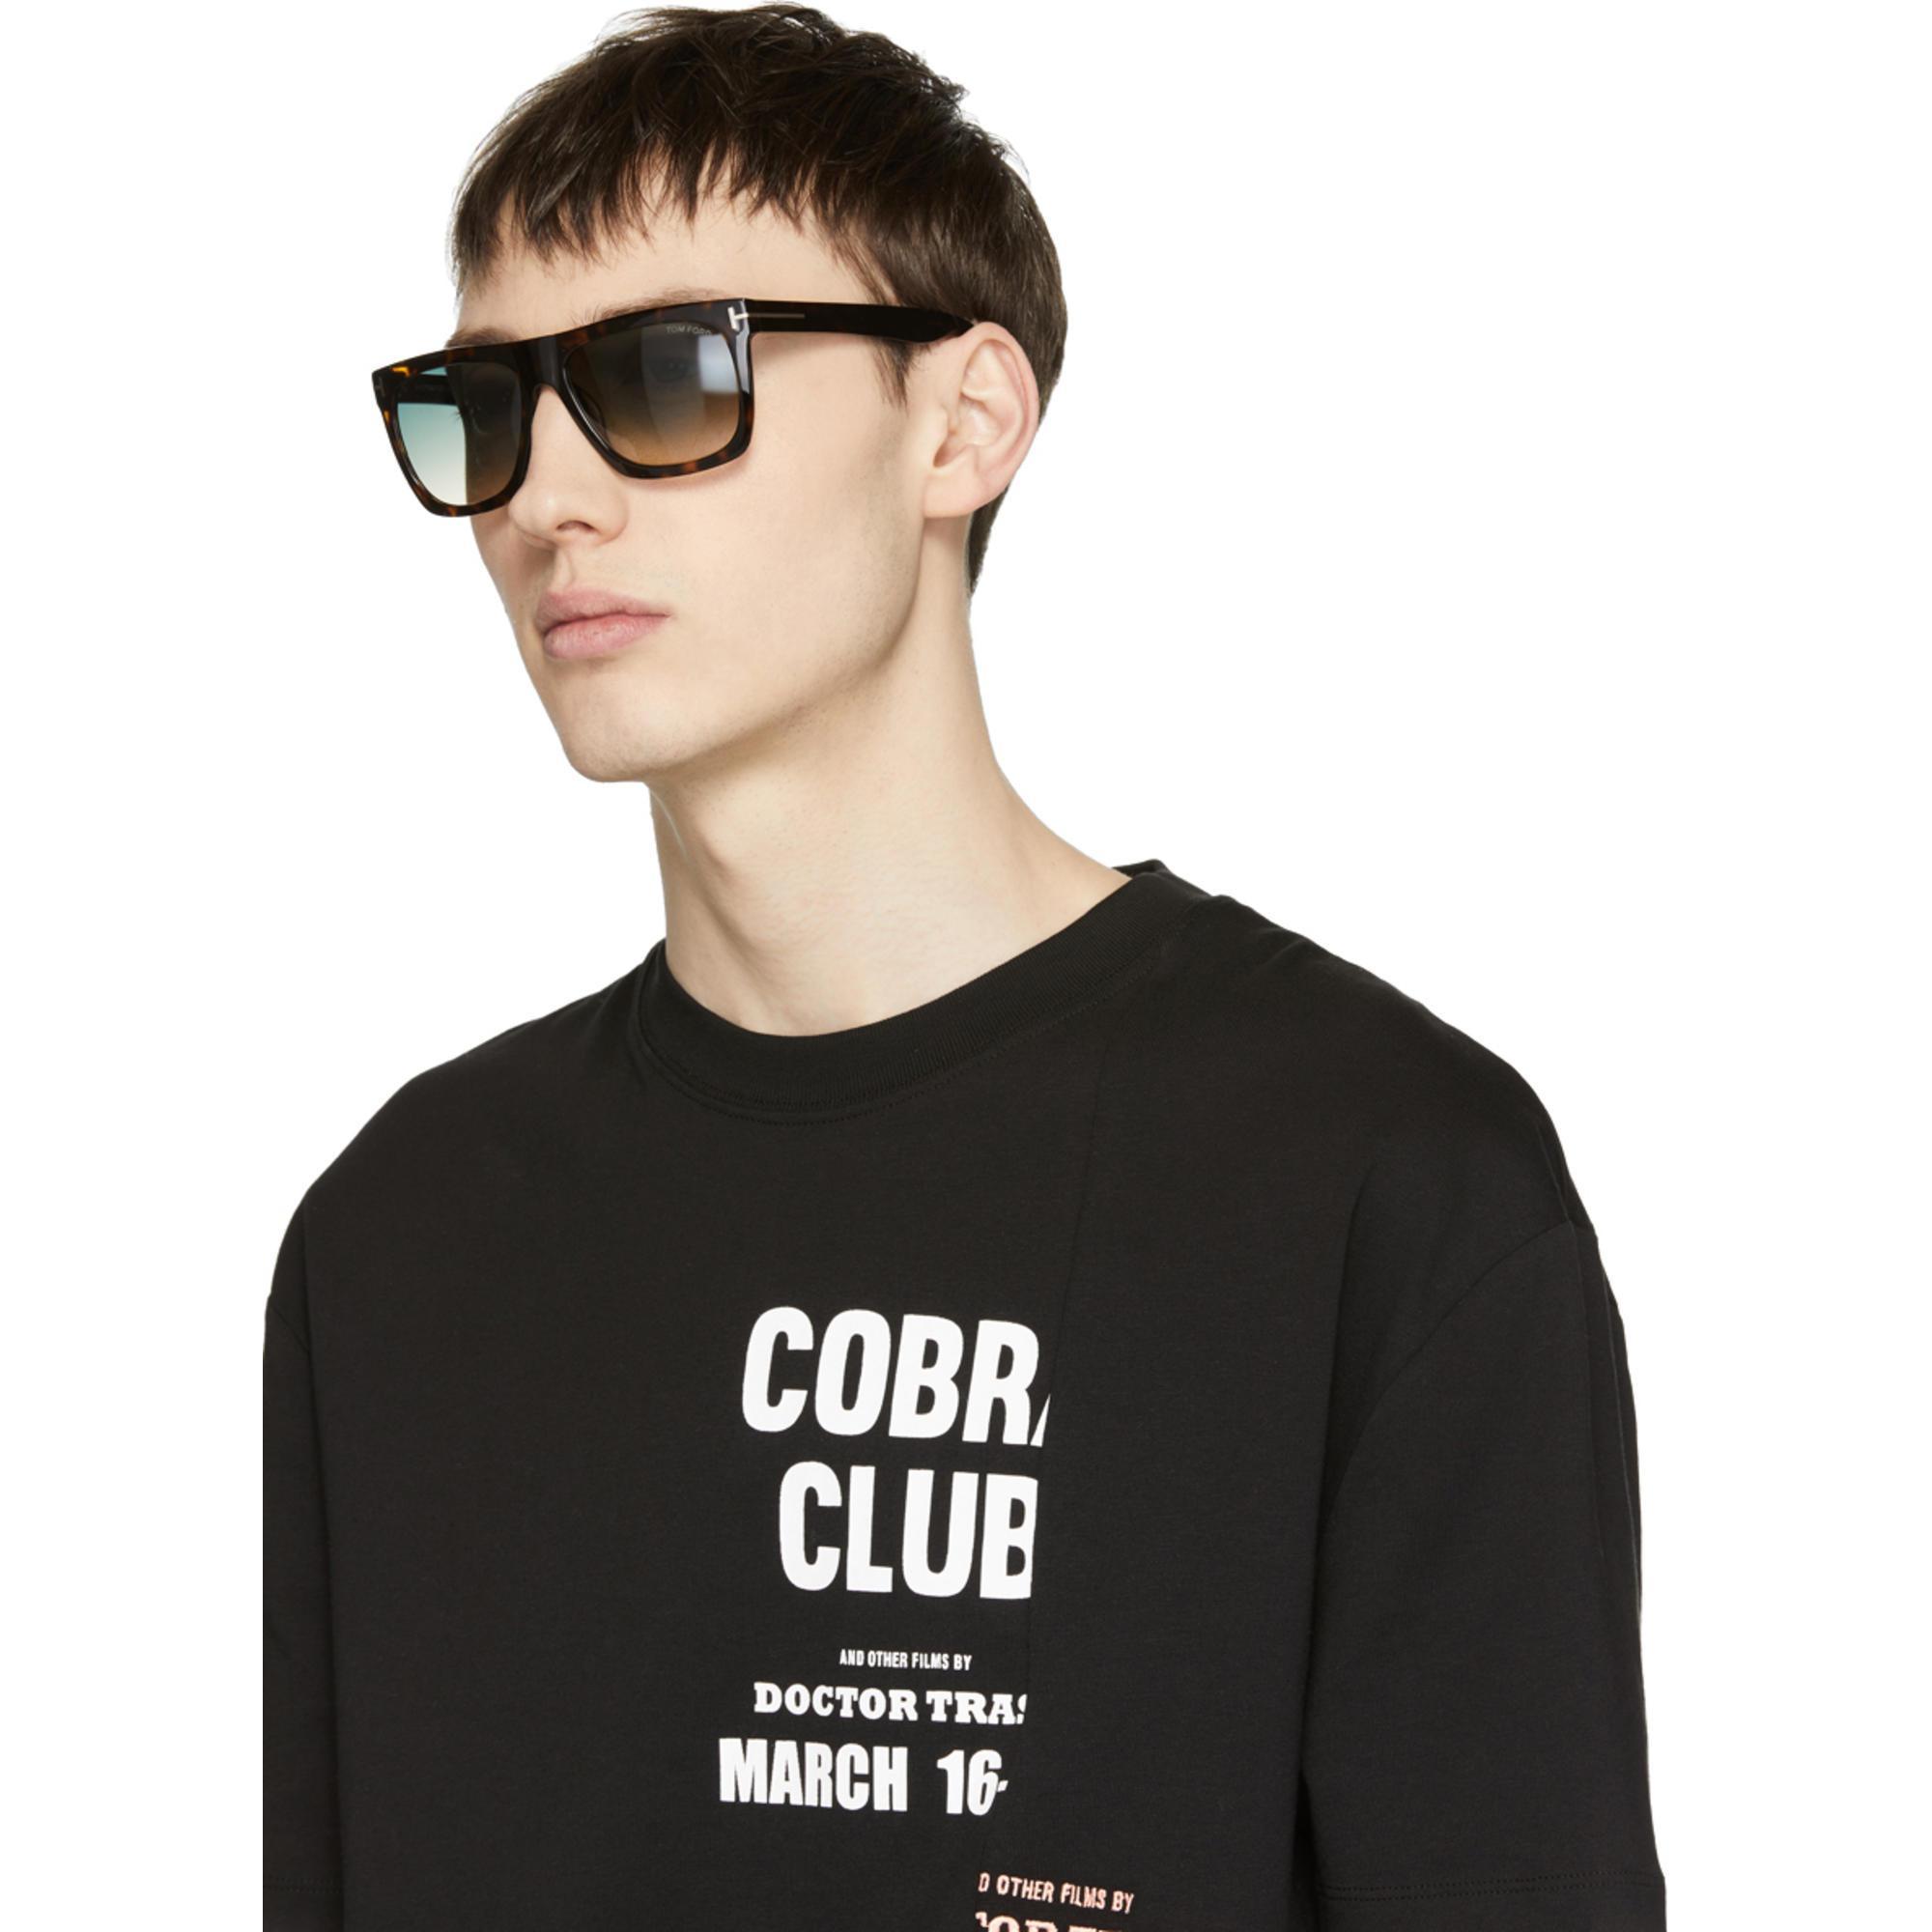 7b0f5d2fcce Lyst - Tom Ford Tortoiseshell Morgan Sunglasses in Black for Men